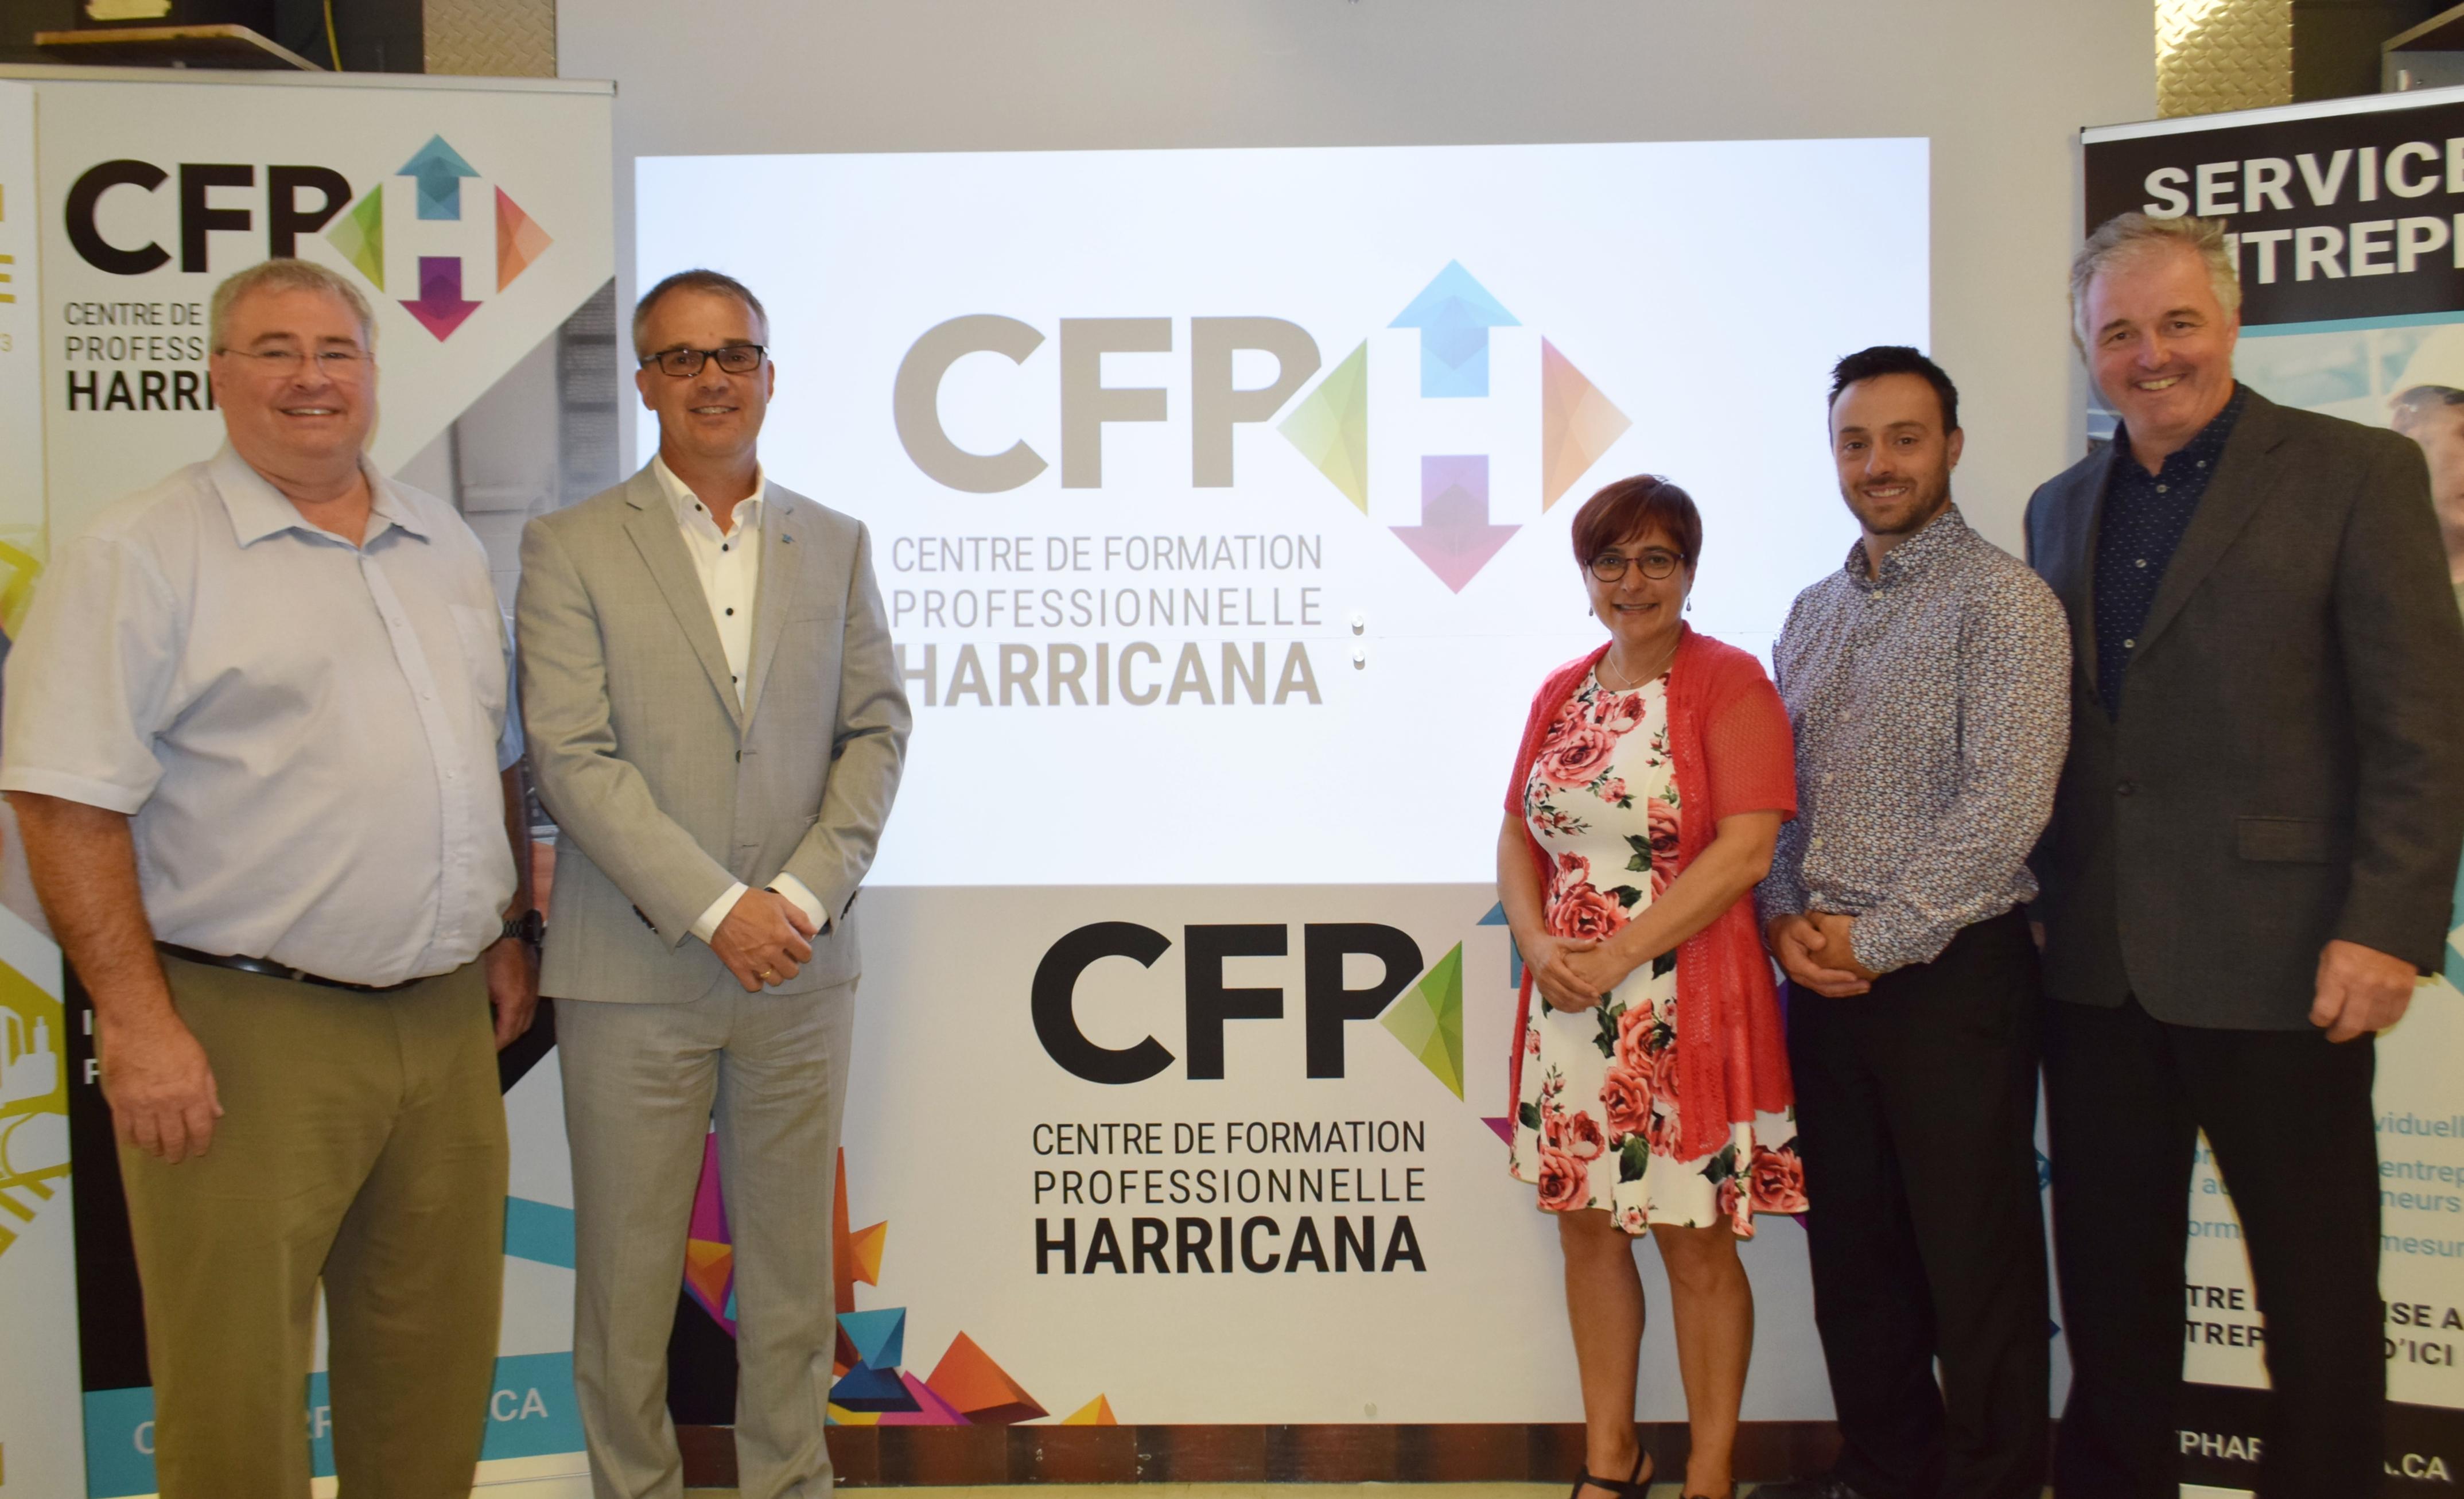 CFP Harricana logo